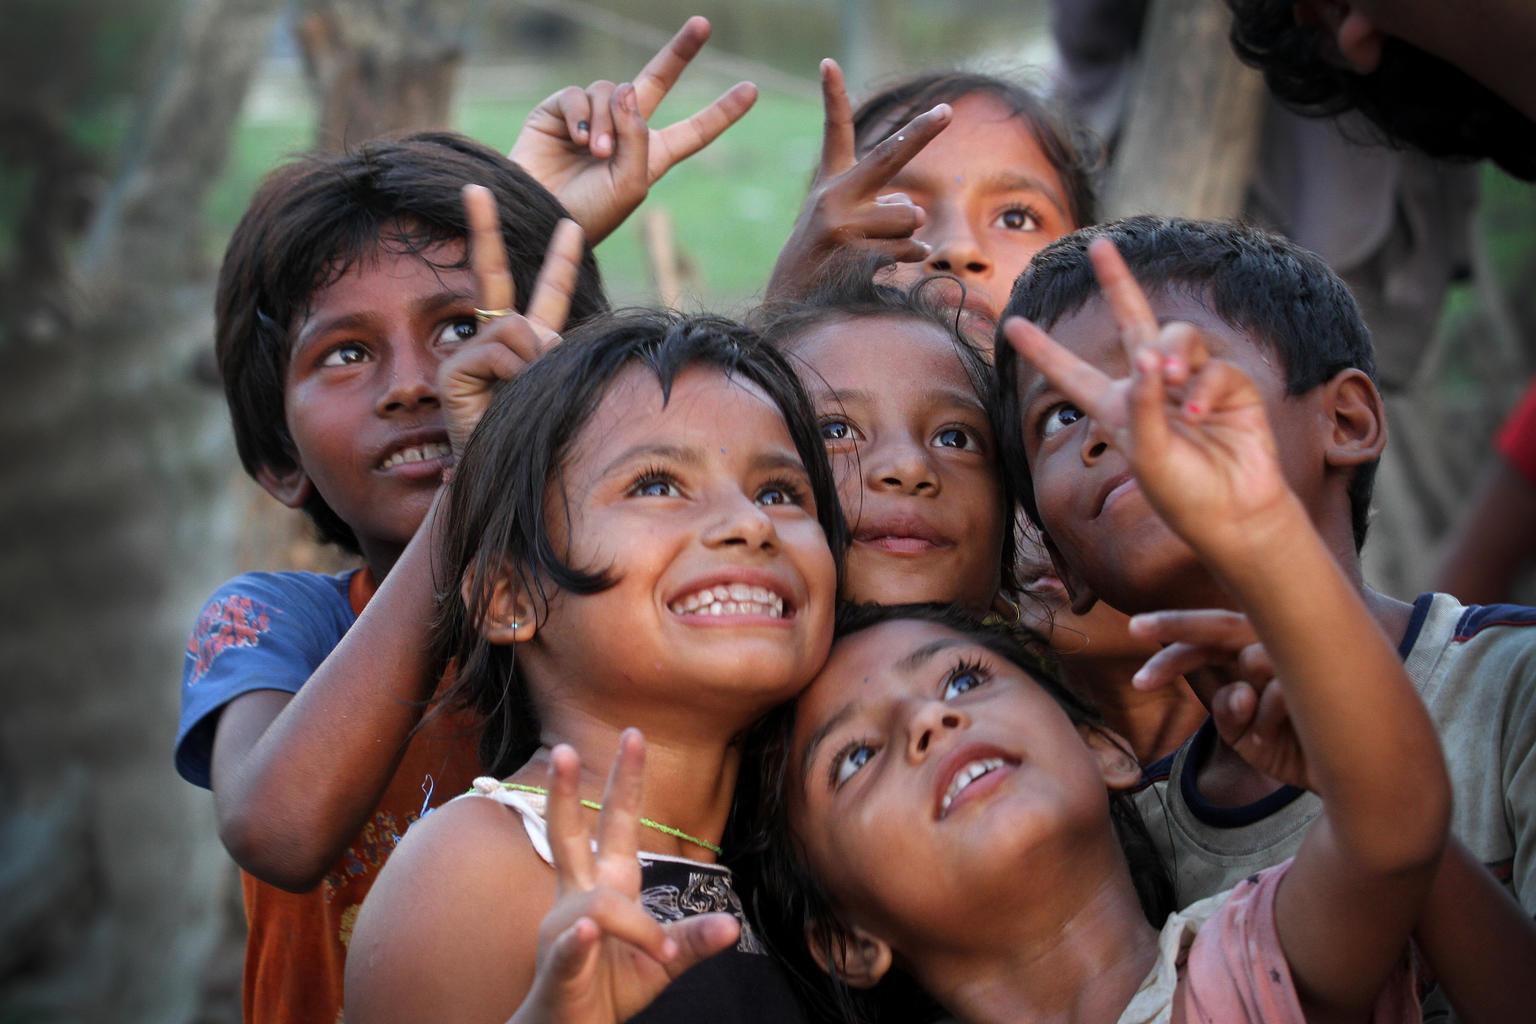 Nepalilaiset lapset hassuttelevat kameralle Etelä-Nepalin Chitwanin piirikunnassa. ©UNICEF/2017/Nepal/Kiran Panday